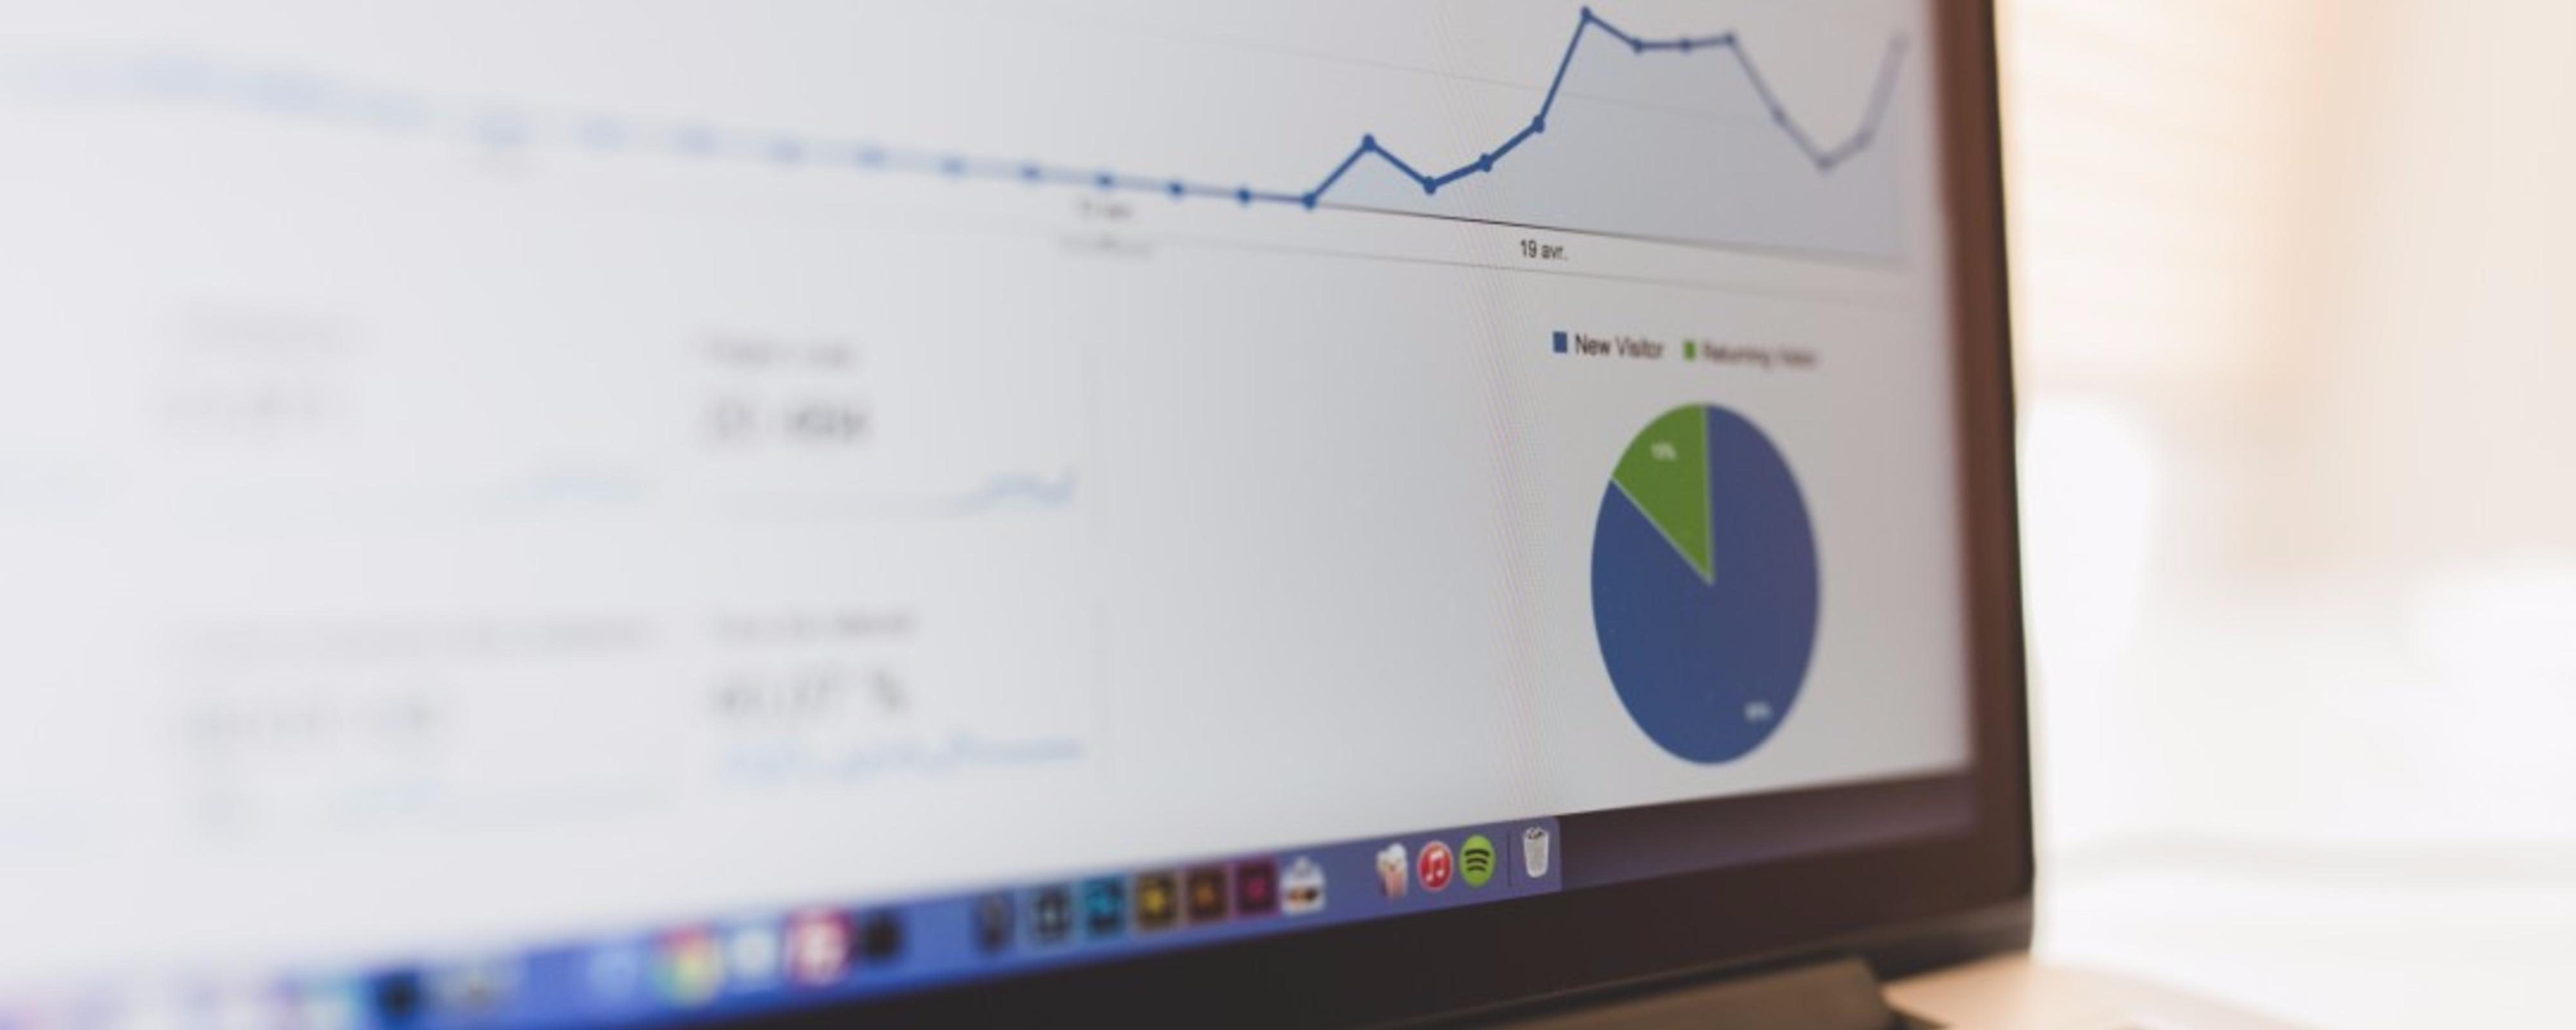 HiYa gör dig framgångsrik på webben med expertkompetens inom Google Adwords